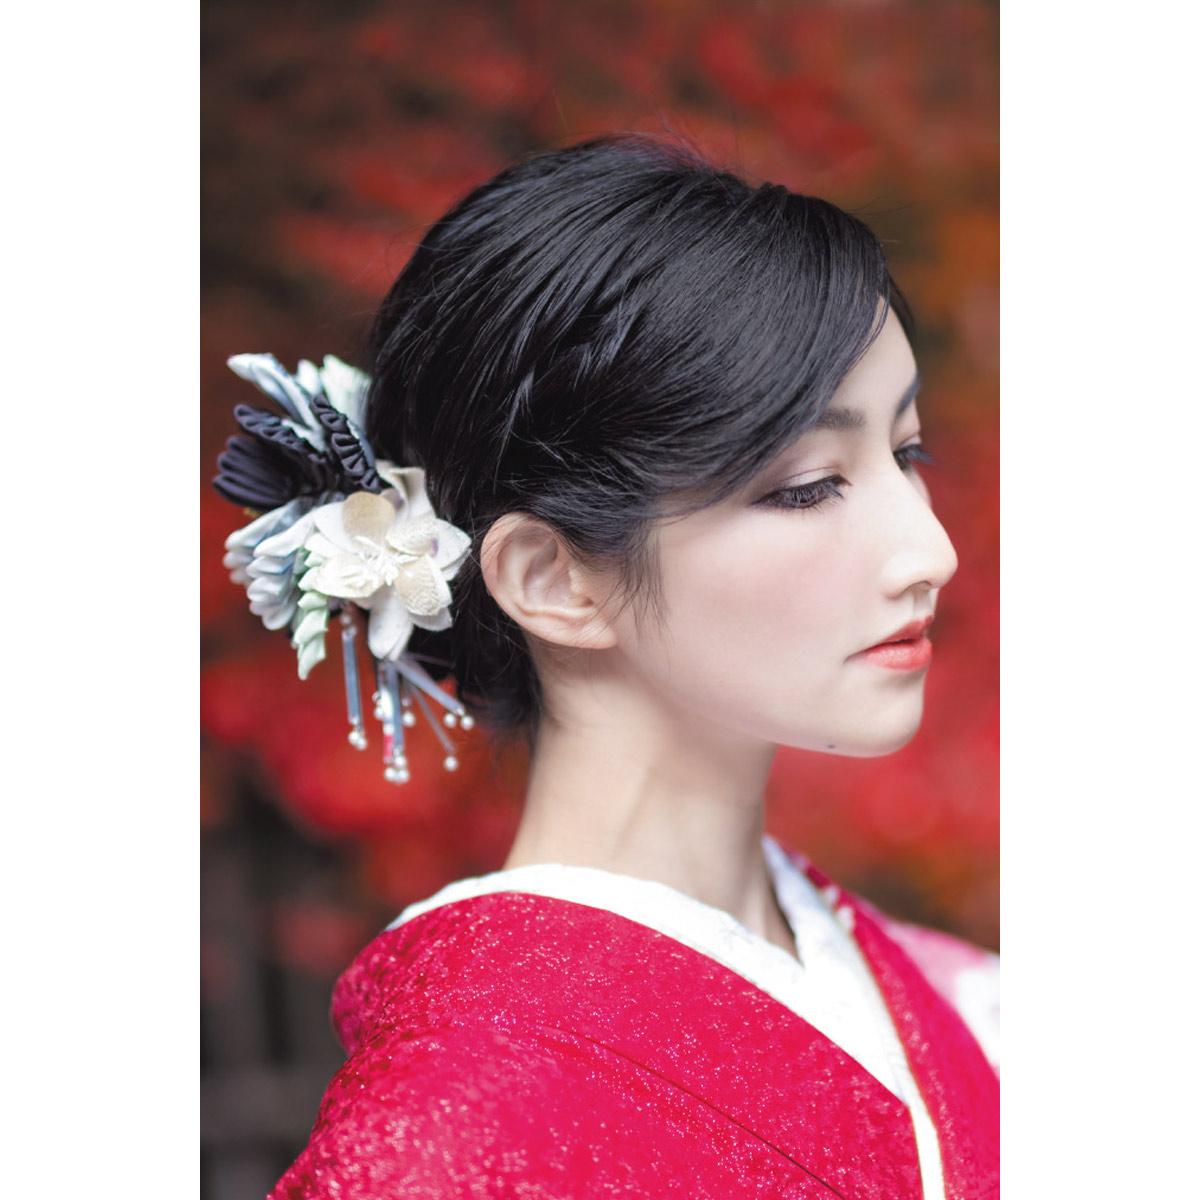 カメラマン 2022カレンダーシリーズ 13 吉川みな「楚々」